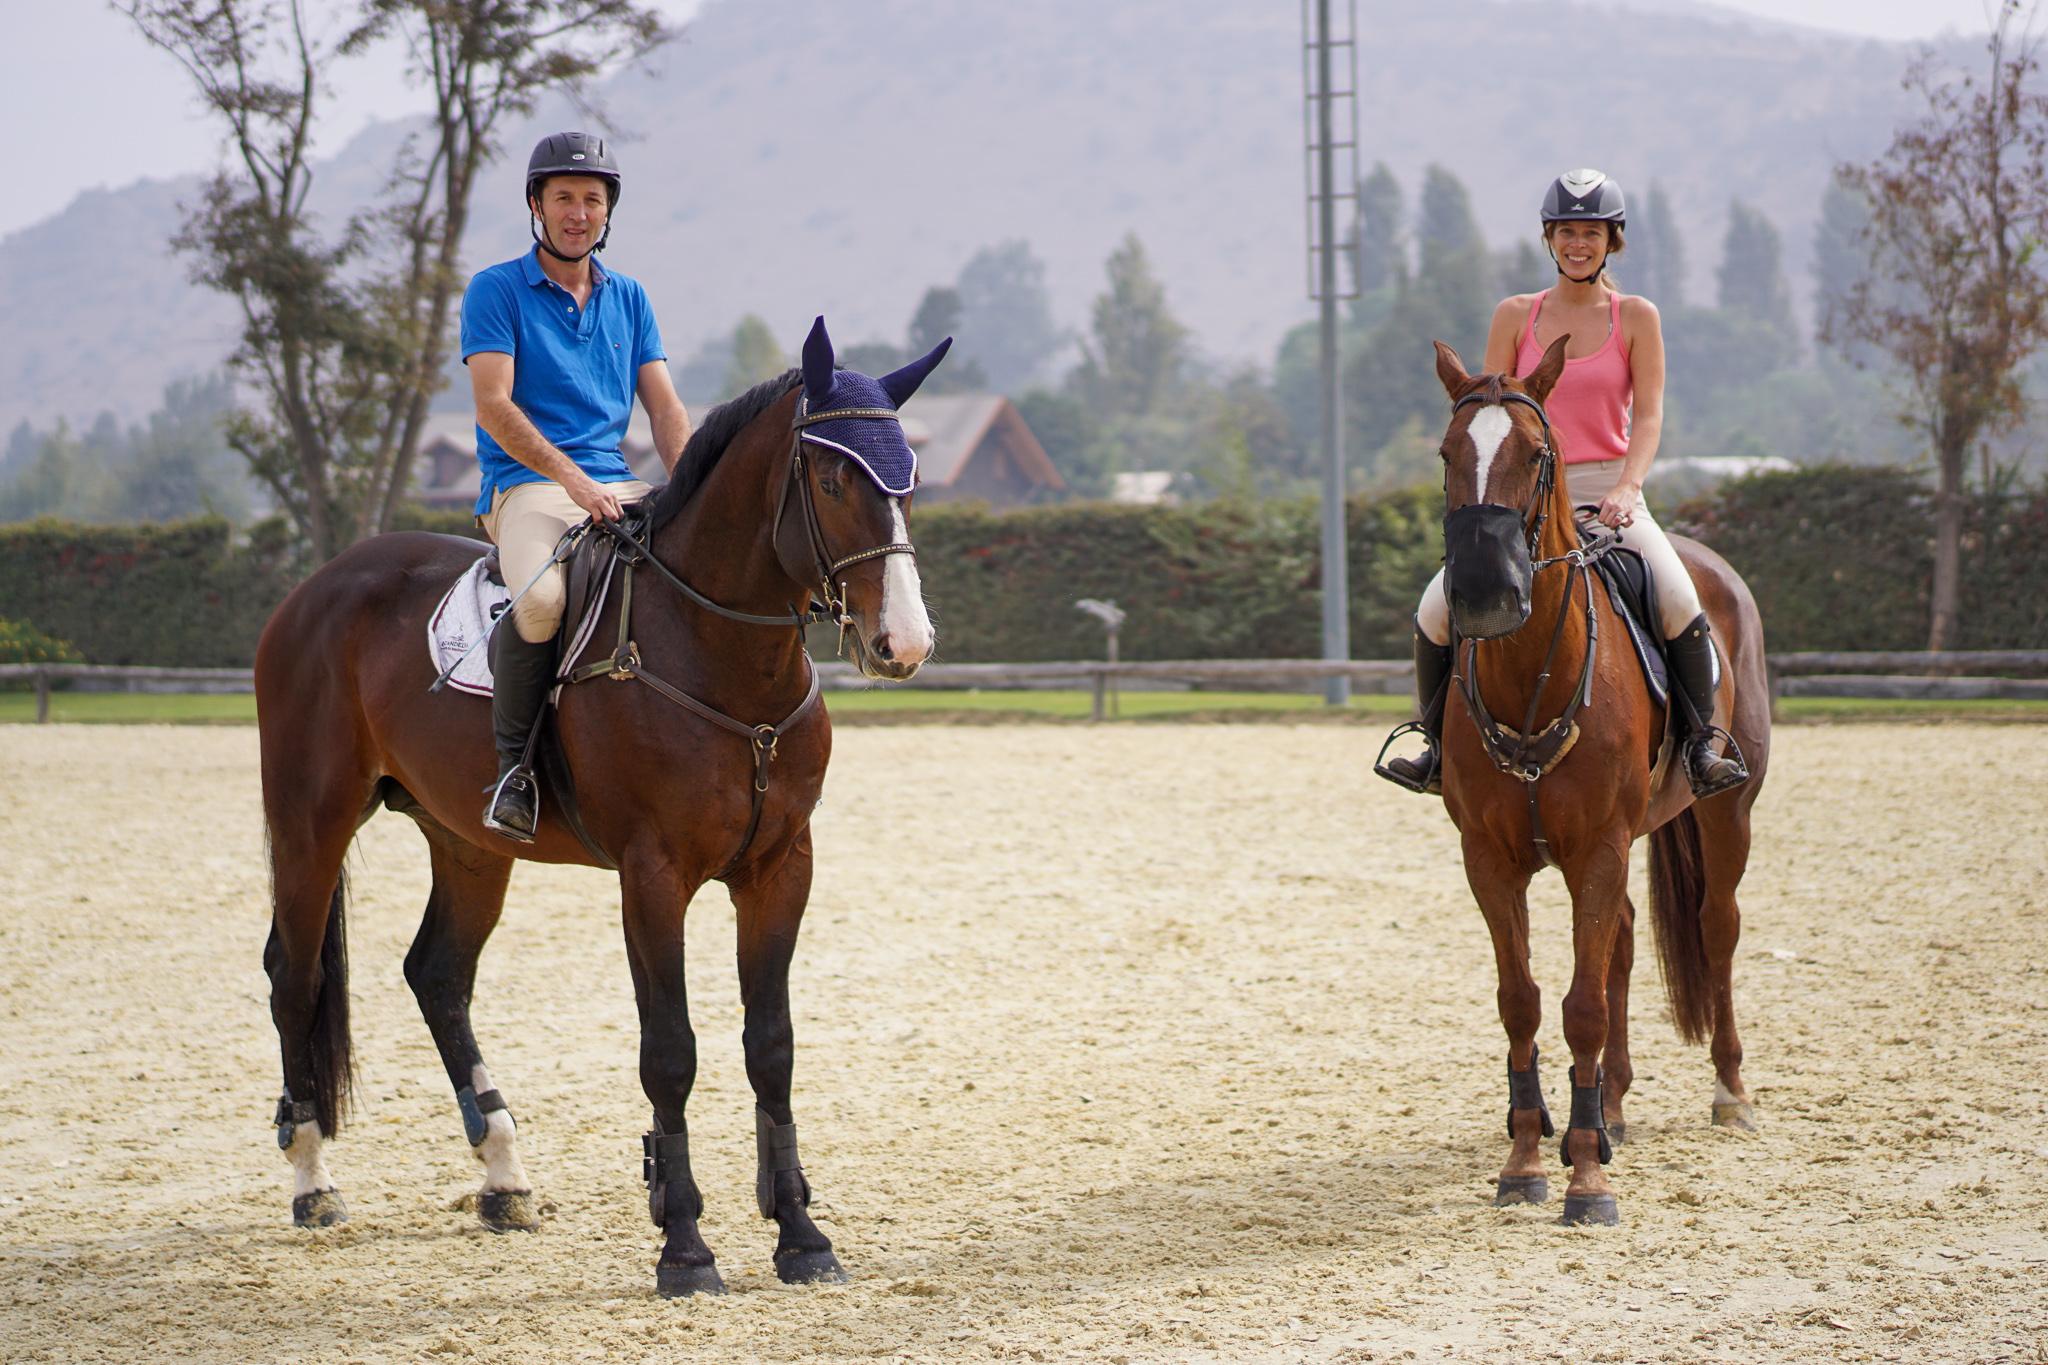 Clases de Equitación posando